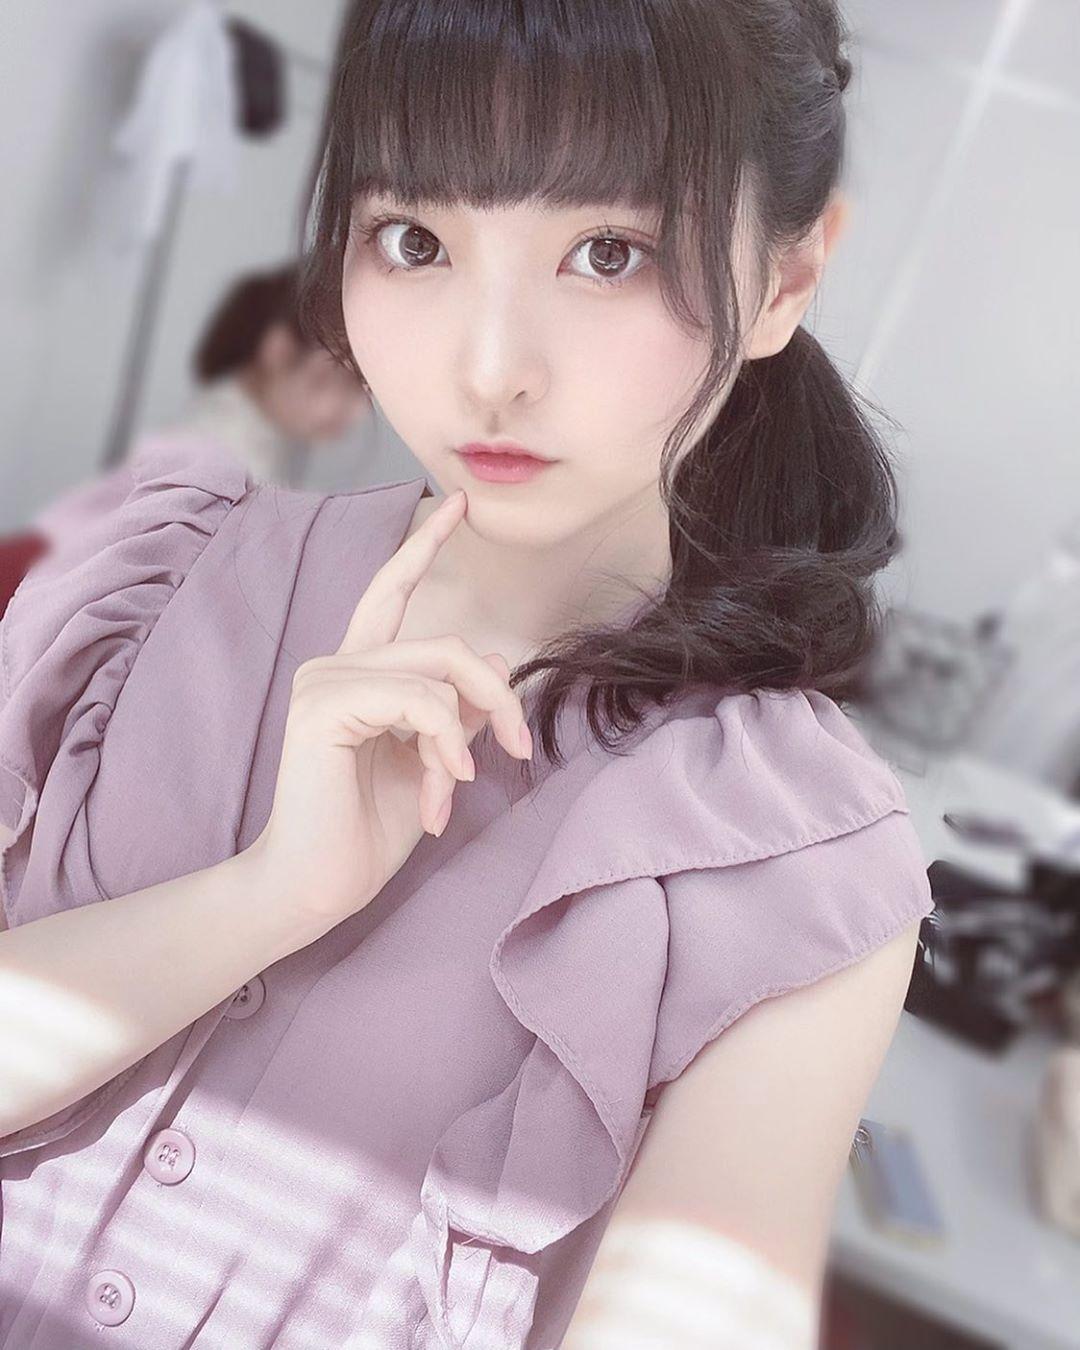 9RrzF4Yf o - IG正妹—小鳥遊るい Rui Takanashi